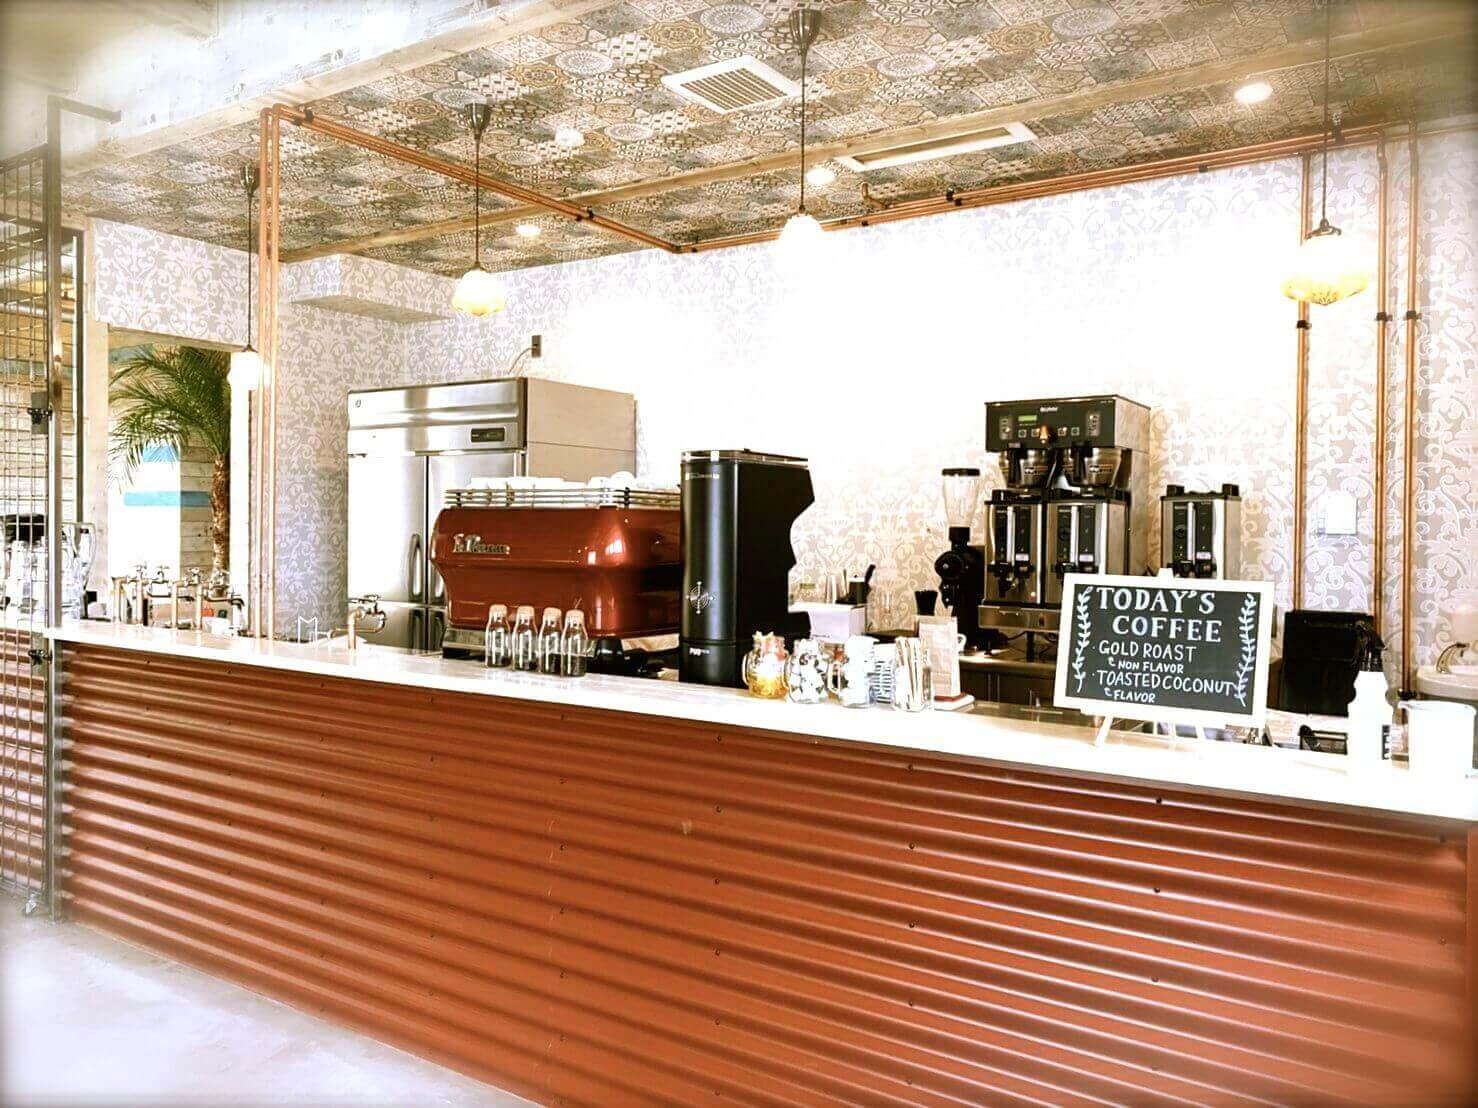 CAFE De CLAMP(カフェ ド クランプ)の店内